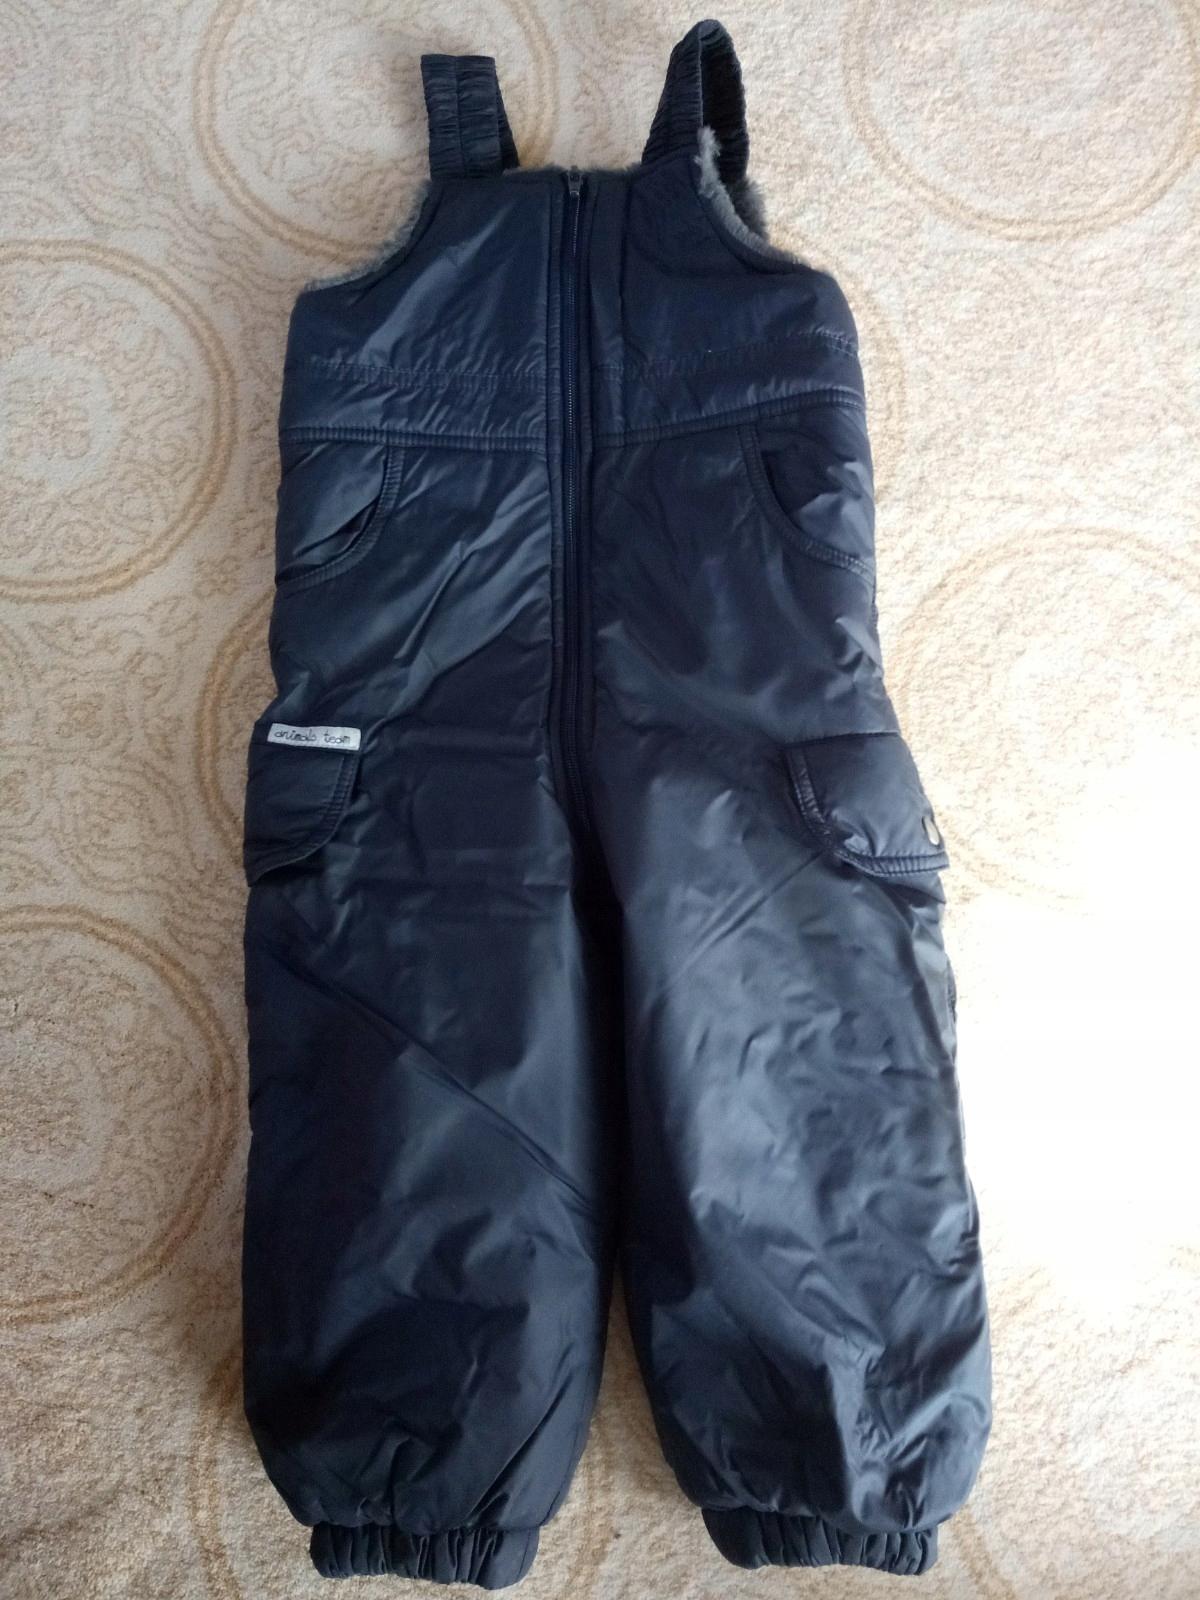 spodnie ocieplane, śniegowce, rozmiar 92cm